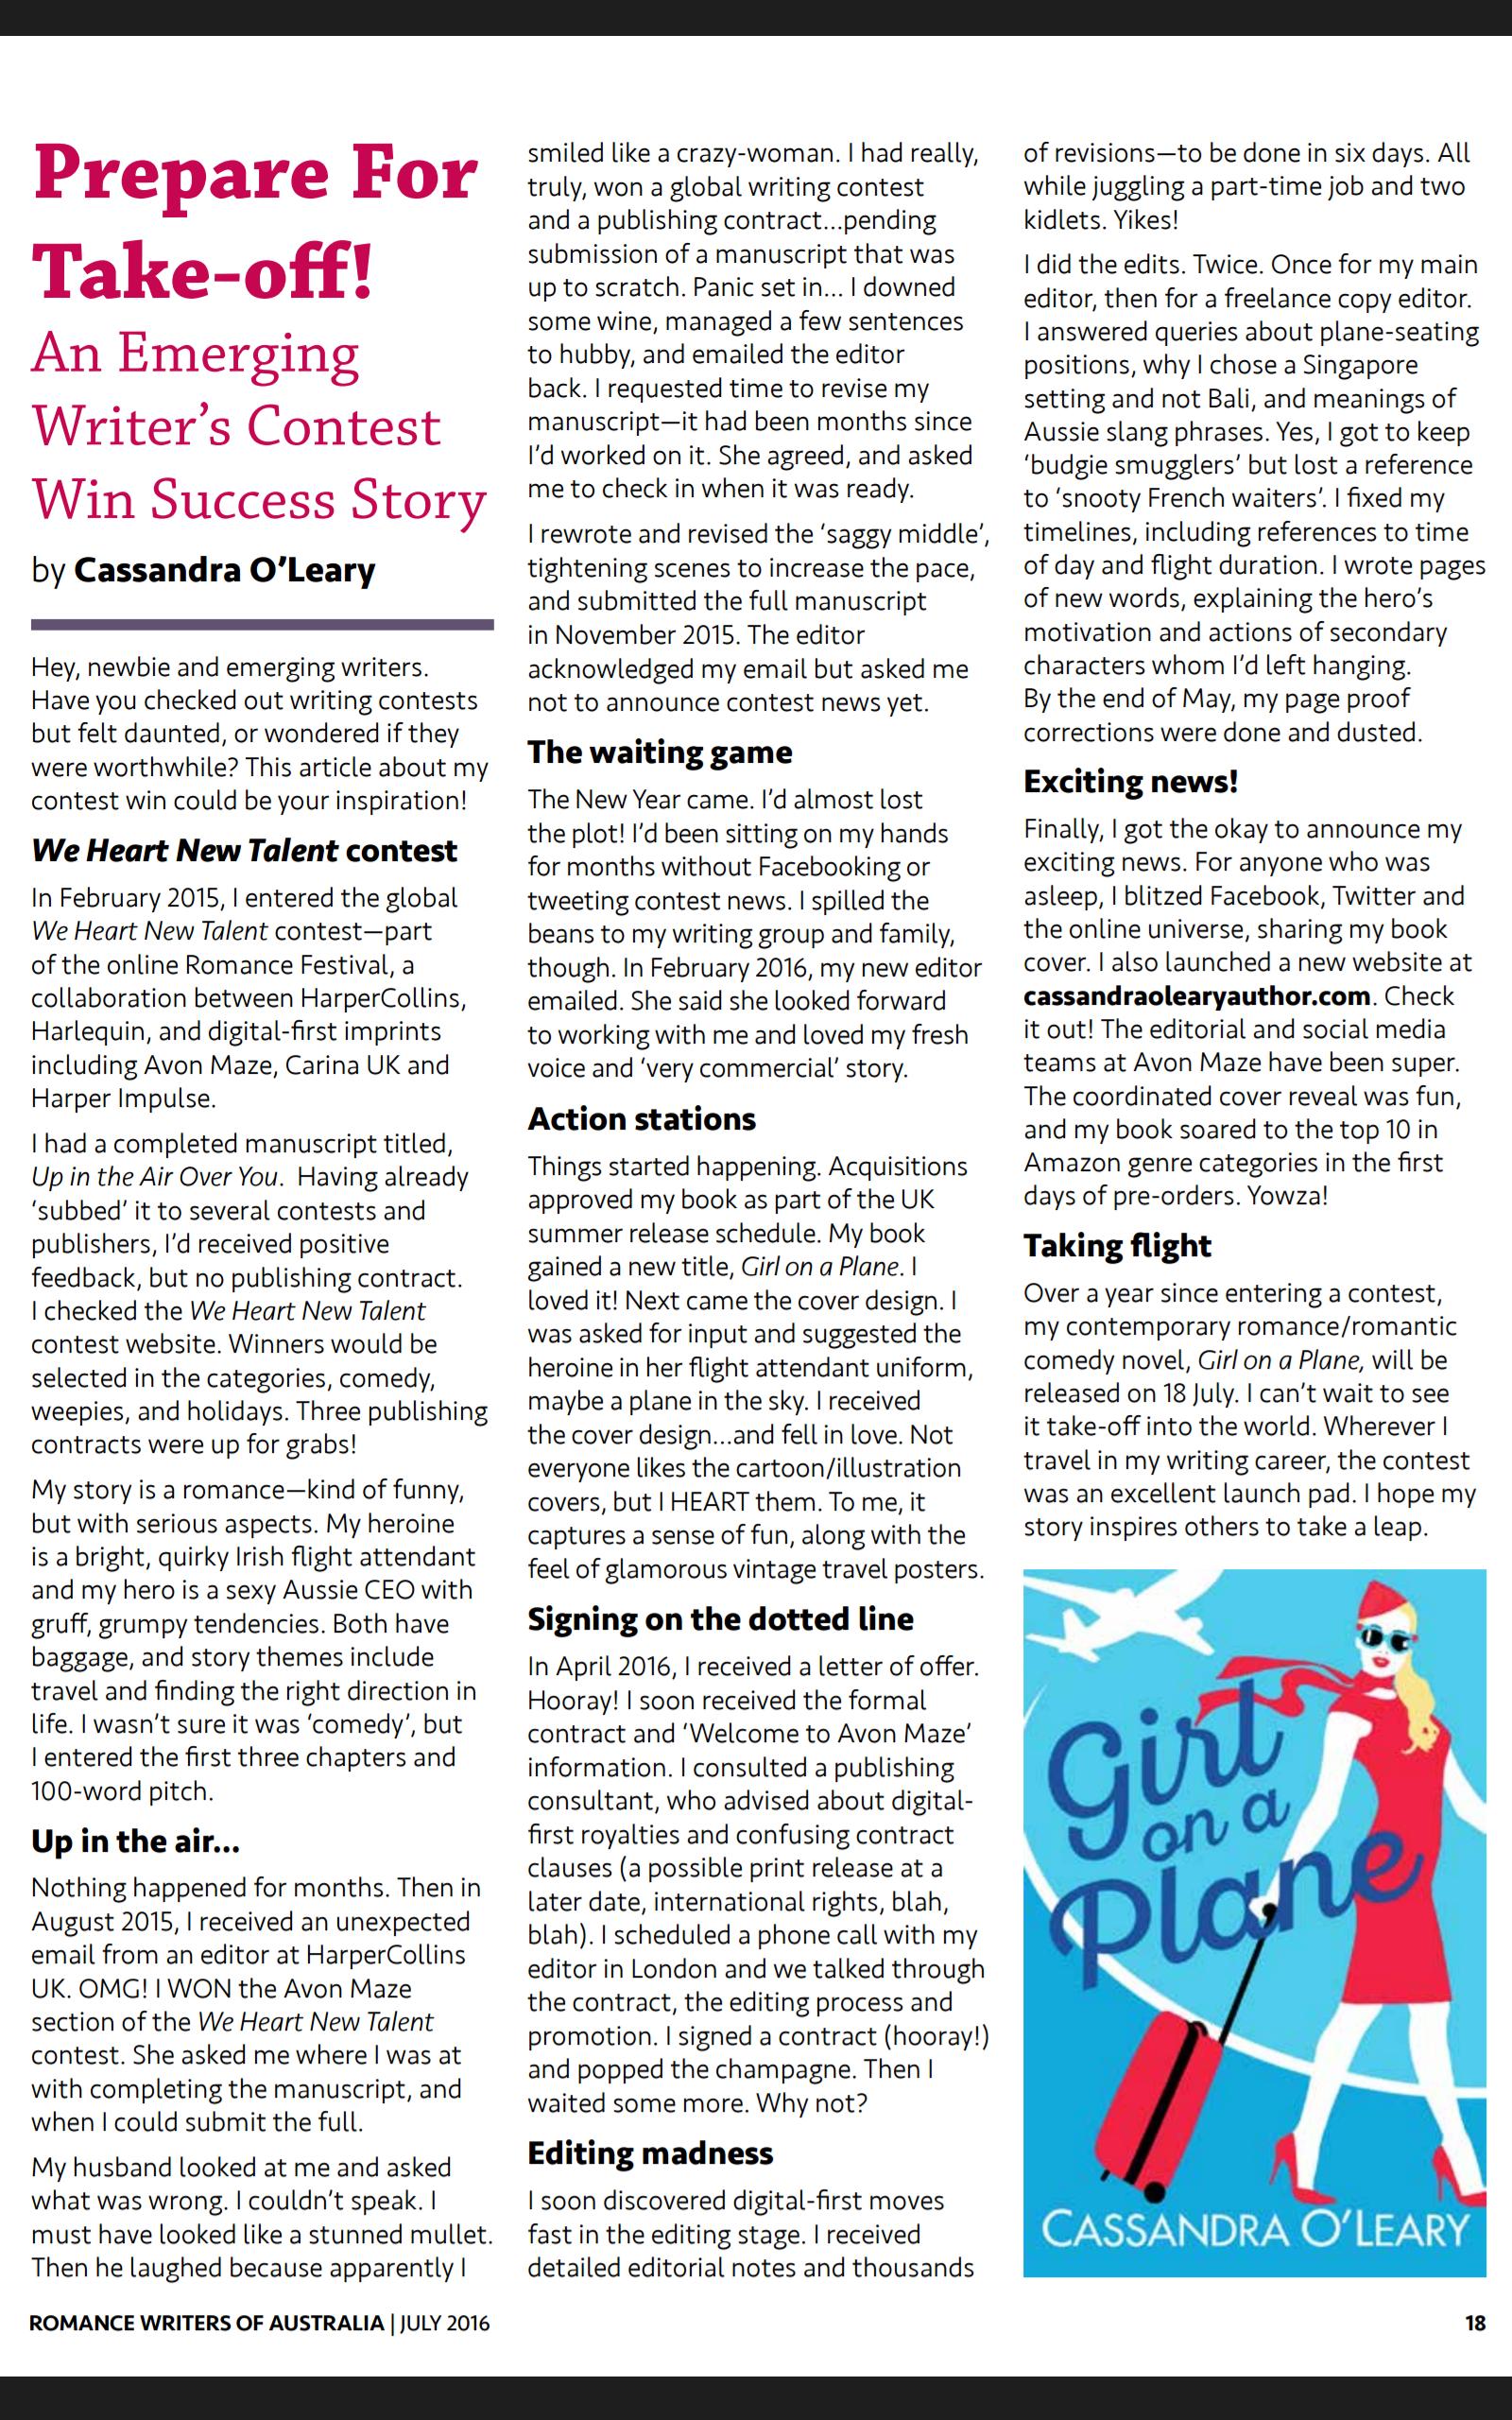 Prepare for take-off article in Hearts Talk magazine